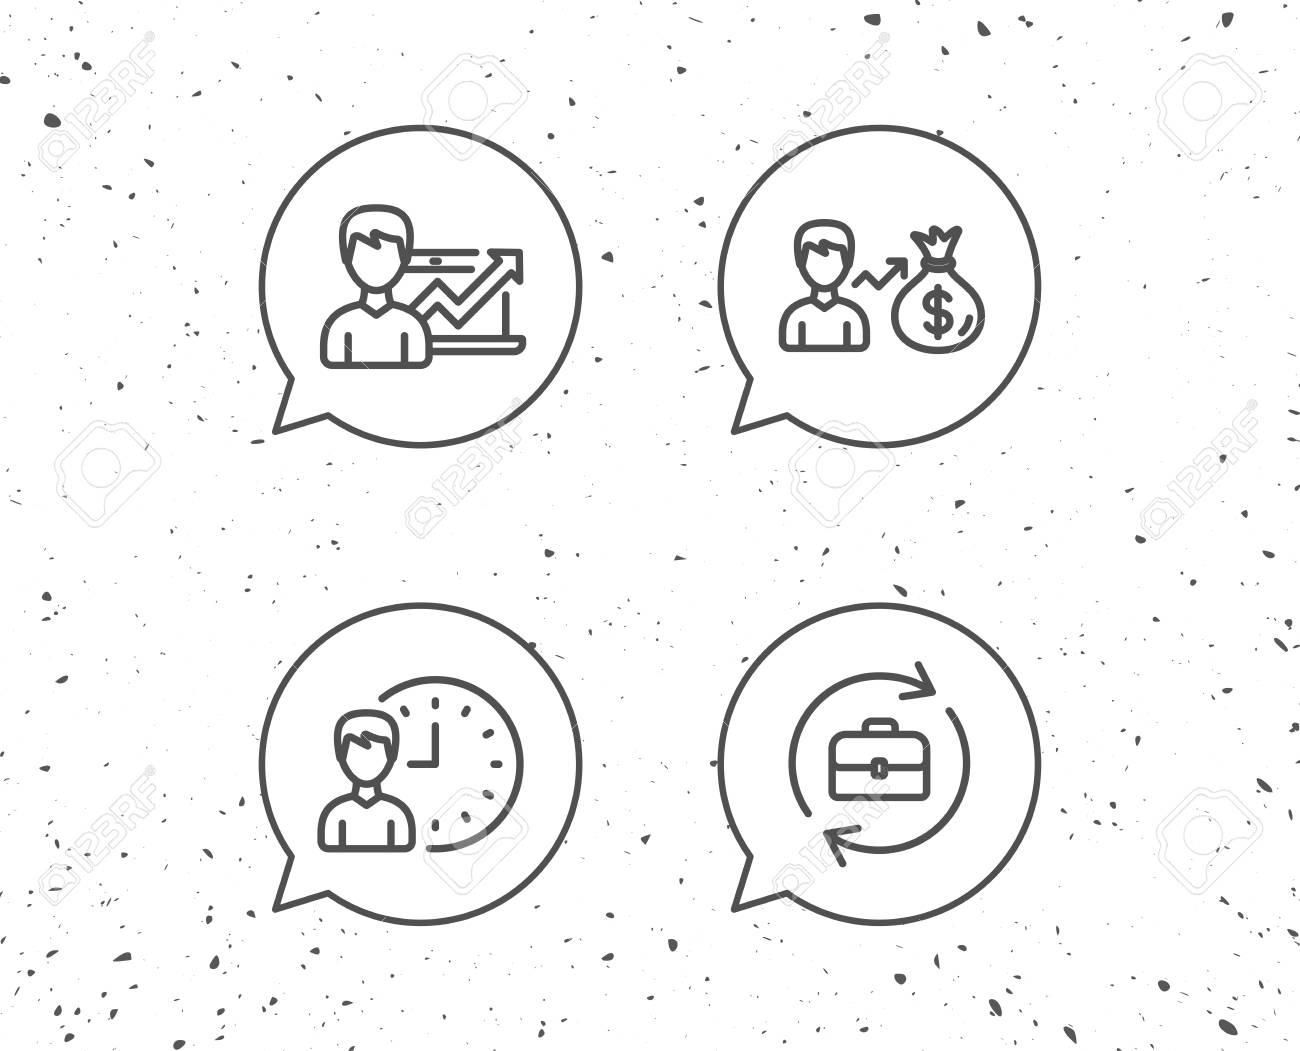 Bulles Avec Des Signes Icones De La Ligne De Resultats D Affaires De Dossiers Et D Affaires Tableau Des Gains Et De La Croissance Fond Grunge Trait Editable Vecteur Clip Art Libres De Droits